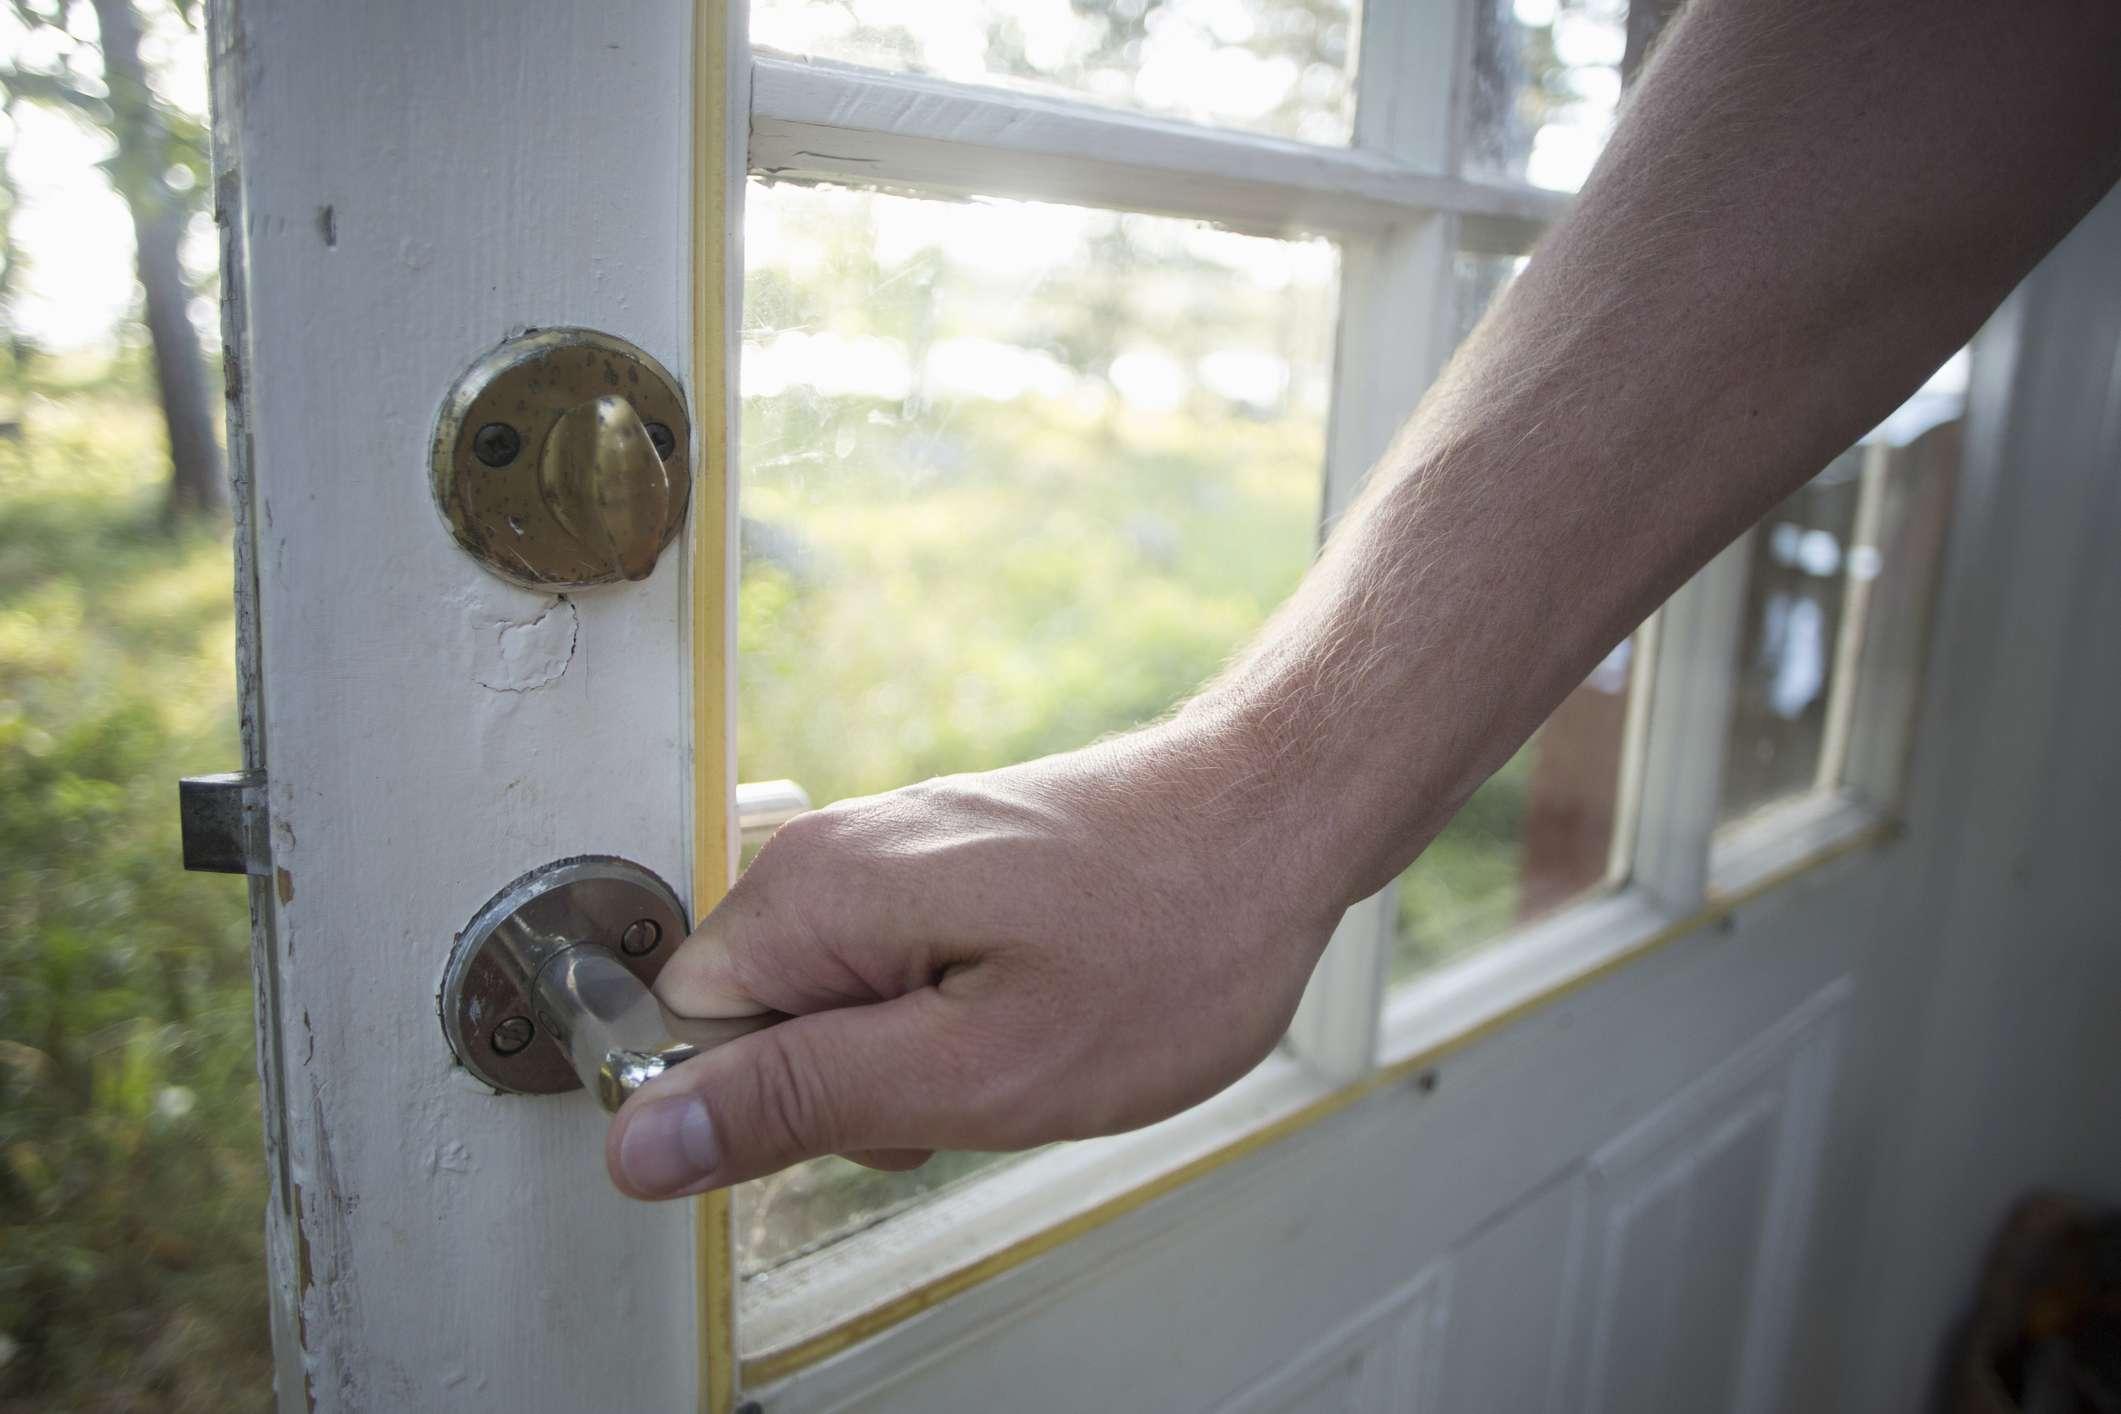 How To Tighten A Loose Doorknob Or Door Handle